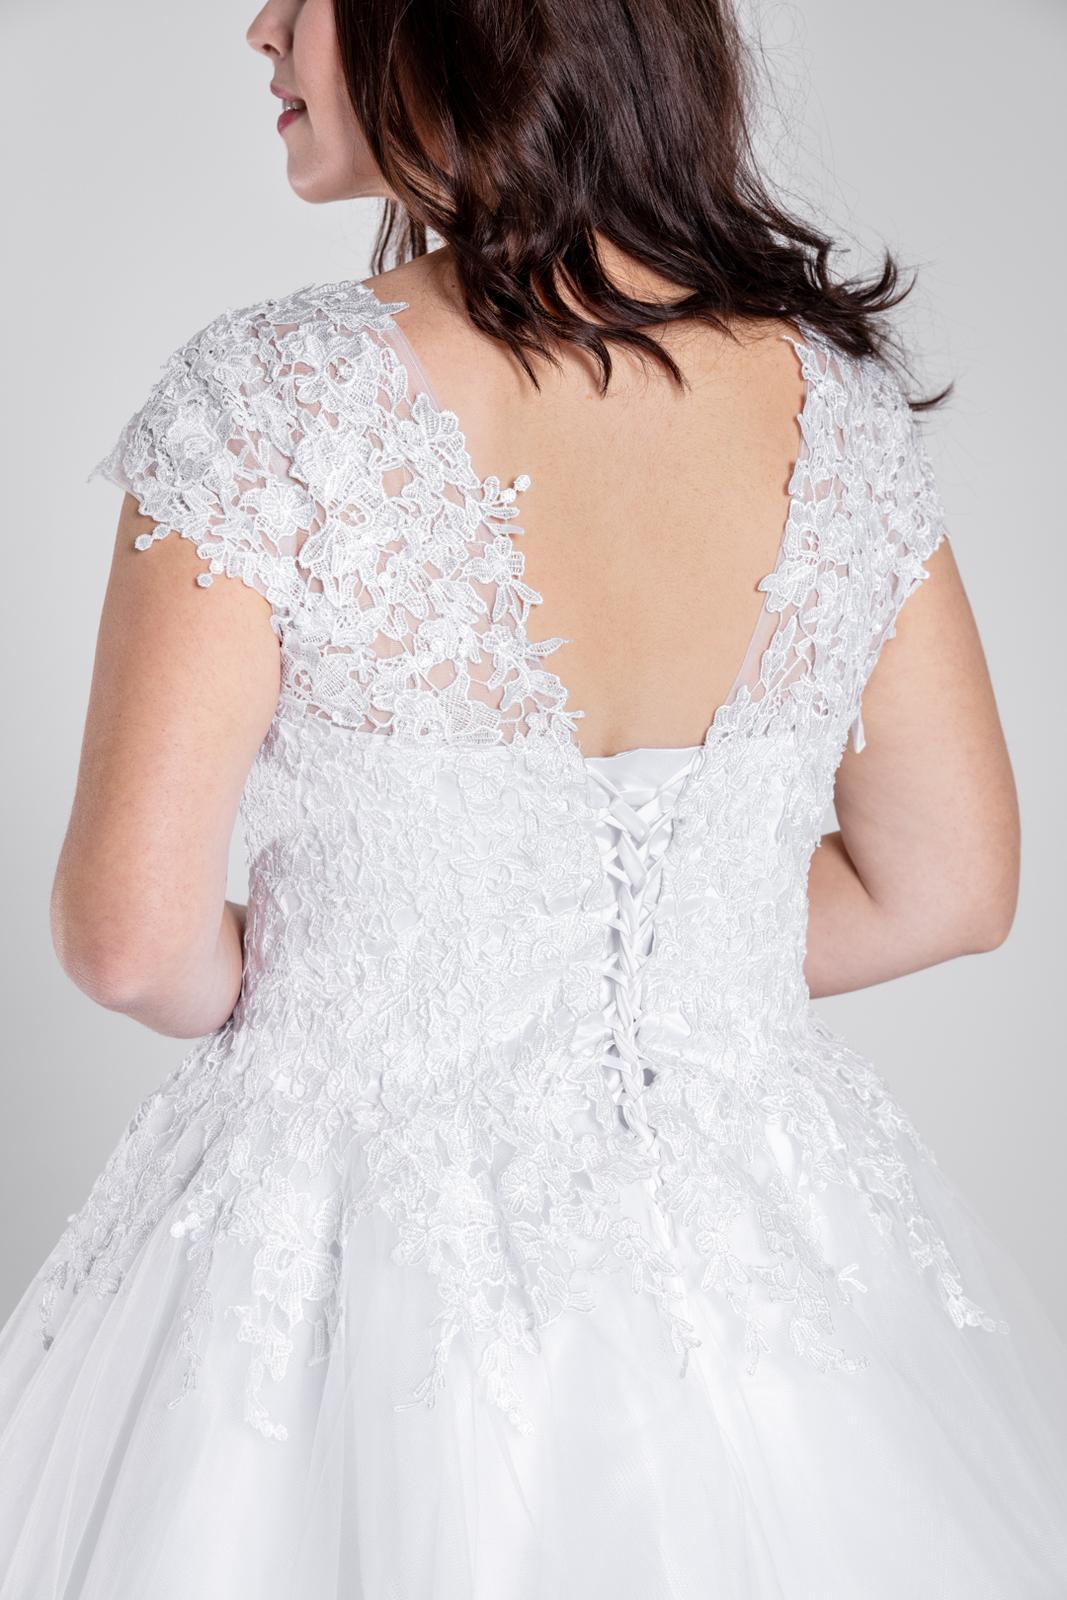 Svatební šaty, vel 40-46 - Obrázek č. 4